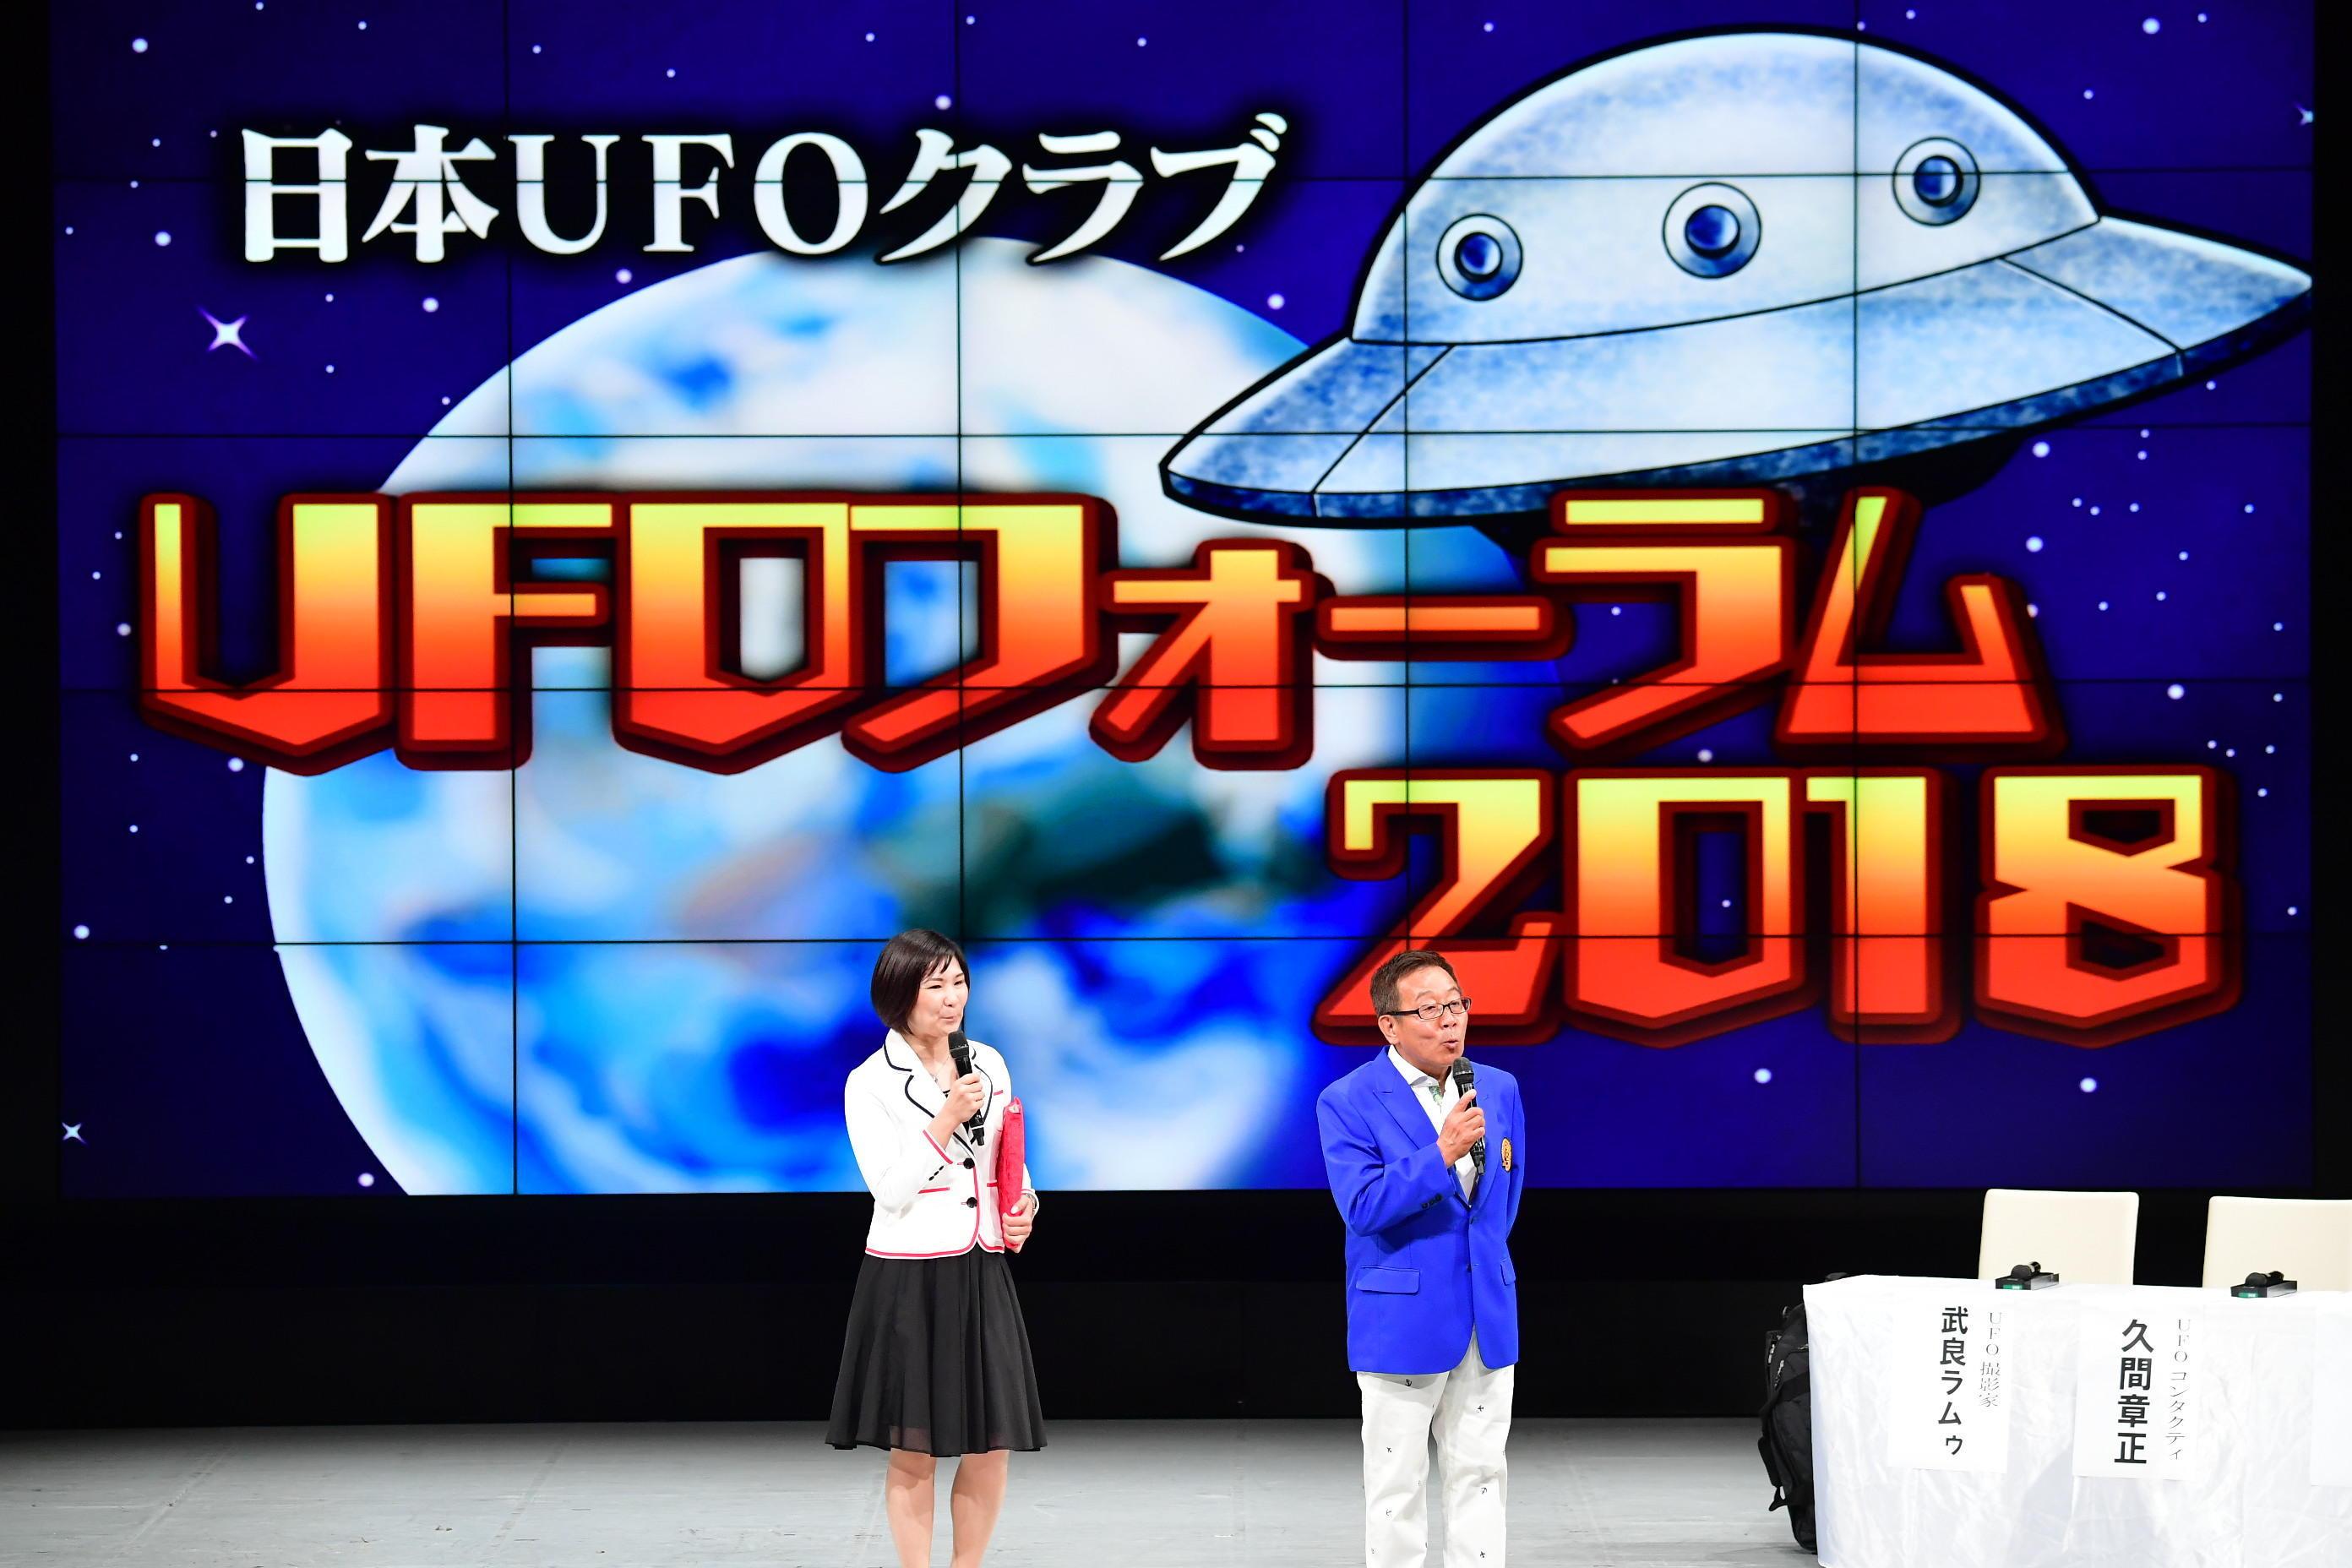 http://news.yoshimoto.co.jp/20180830011025-e38a947286bf67a8ed285525ffd99107c5f8fef8.jpg